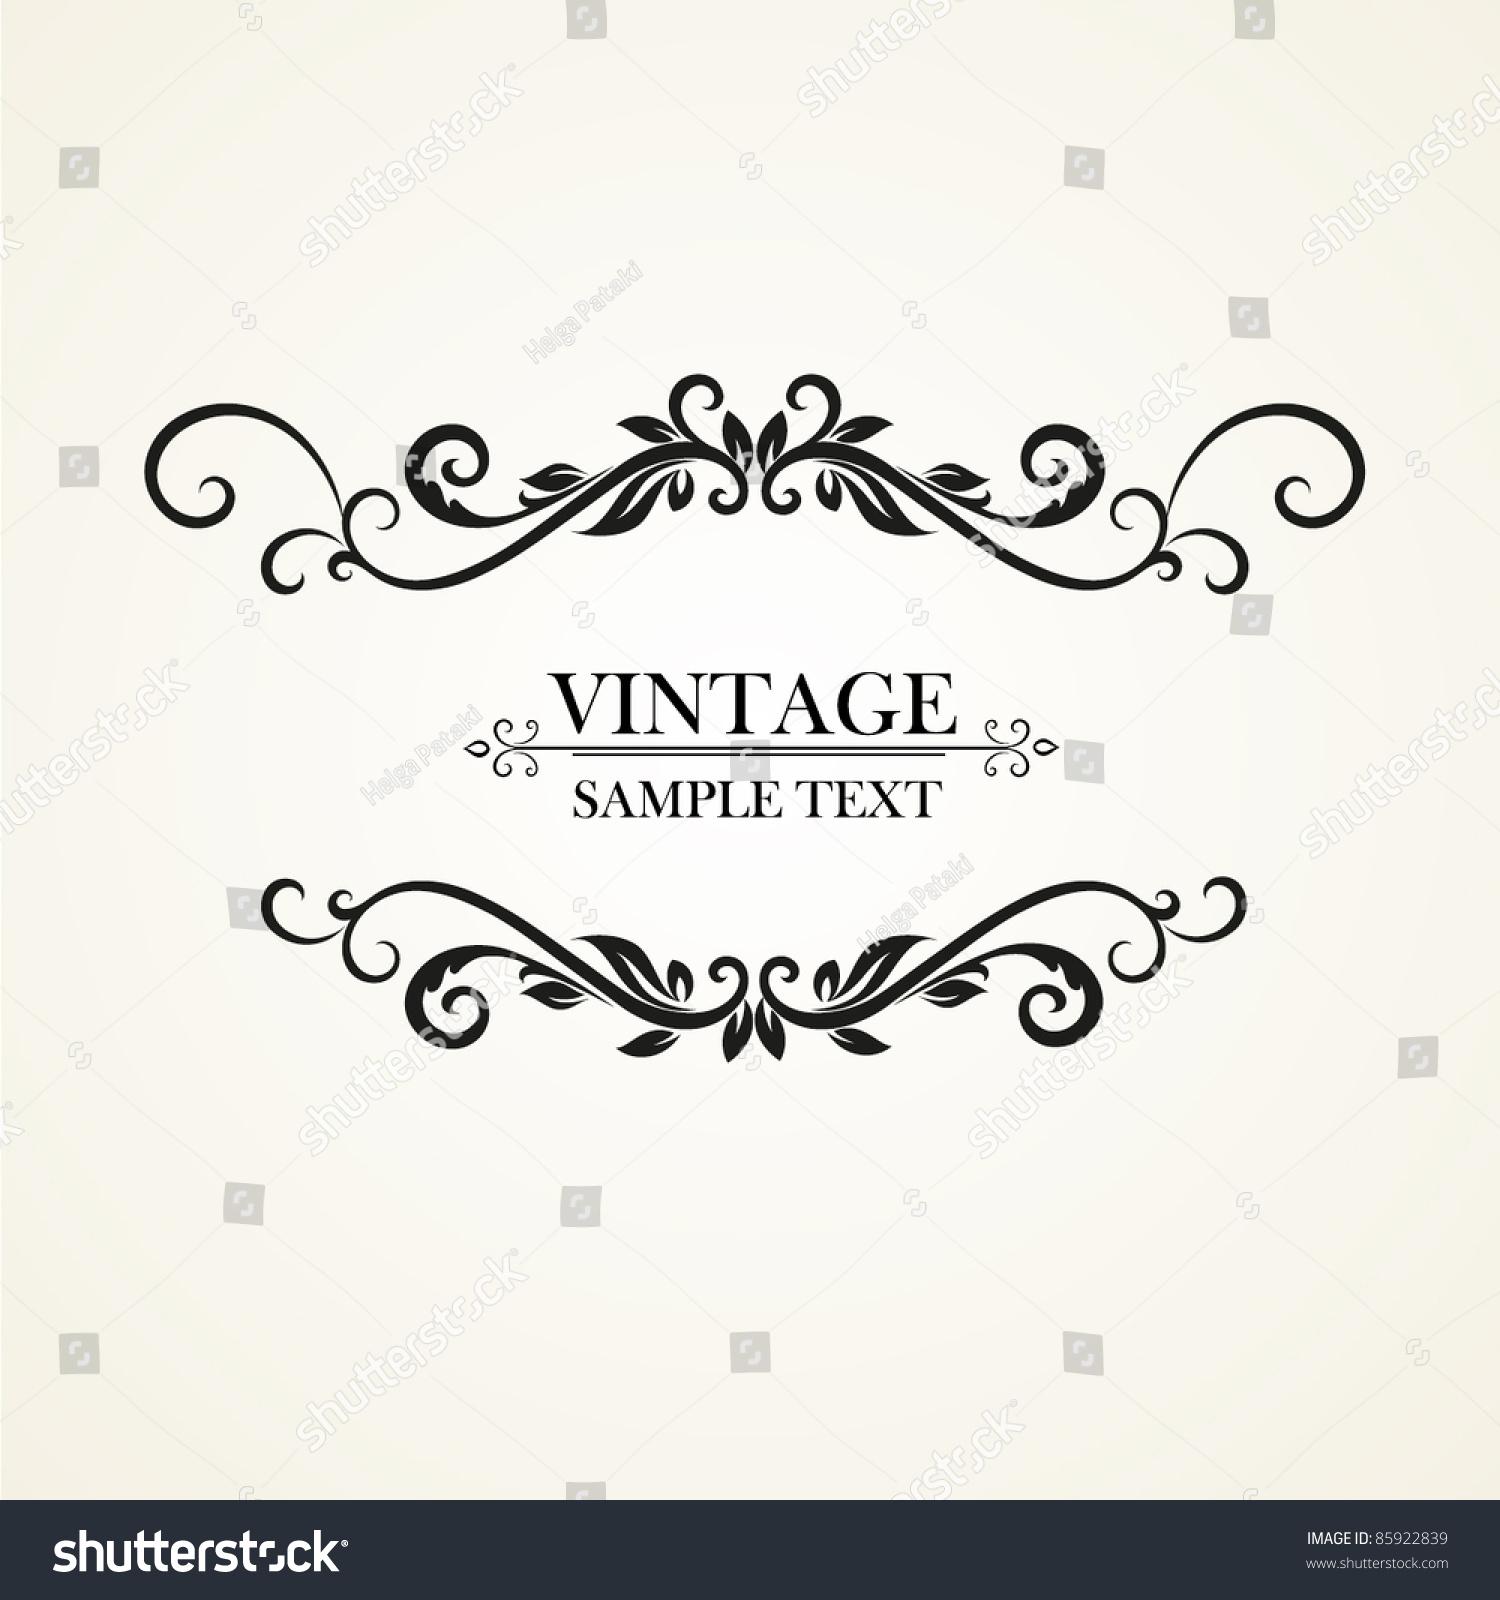 Free Vintage Por 53